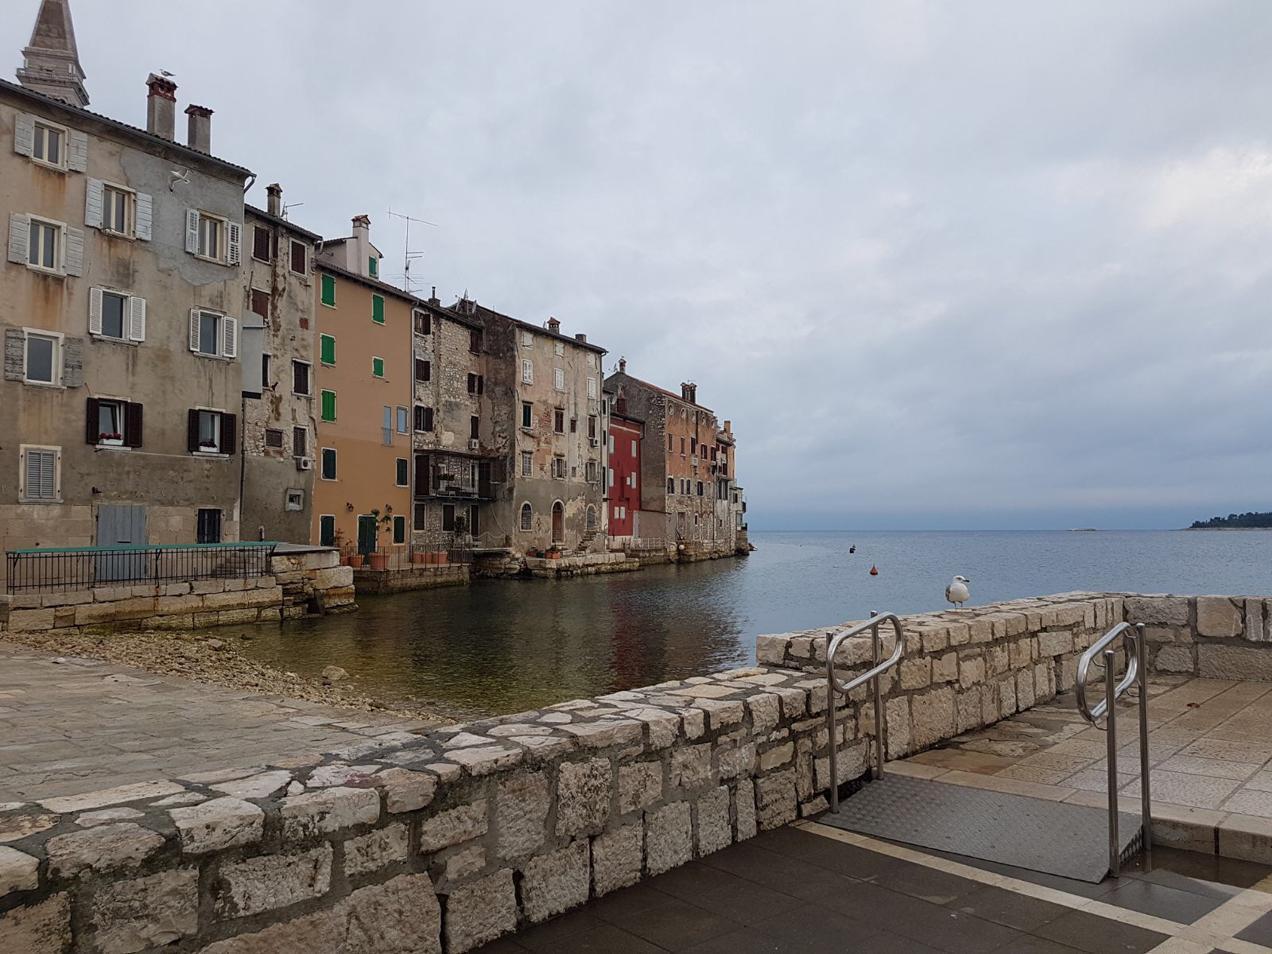 עיירה על קו המים בפלוטילת פולה בצפון קרואטיה